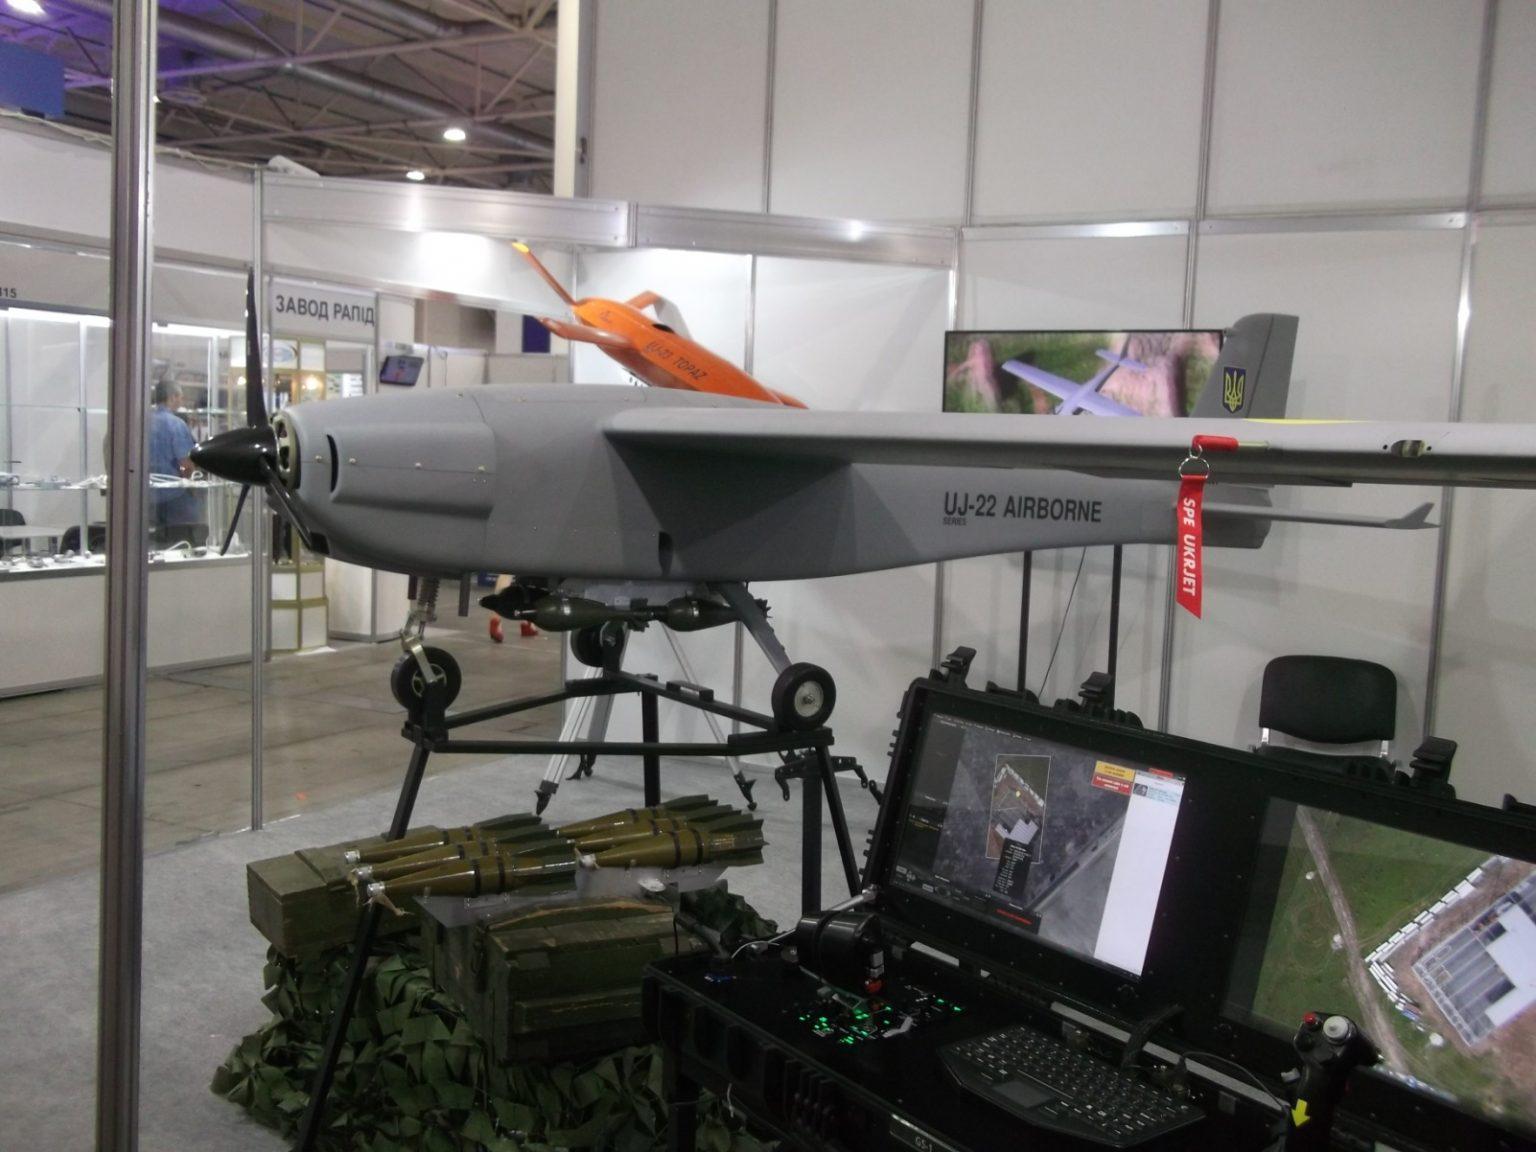 UJ-222 Airborne